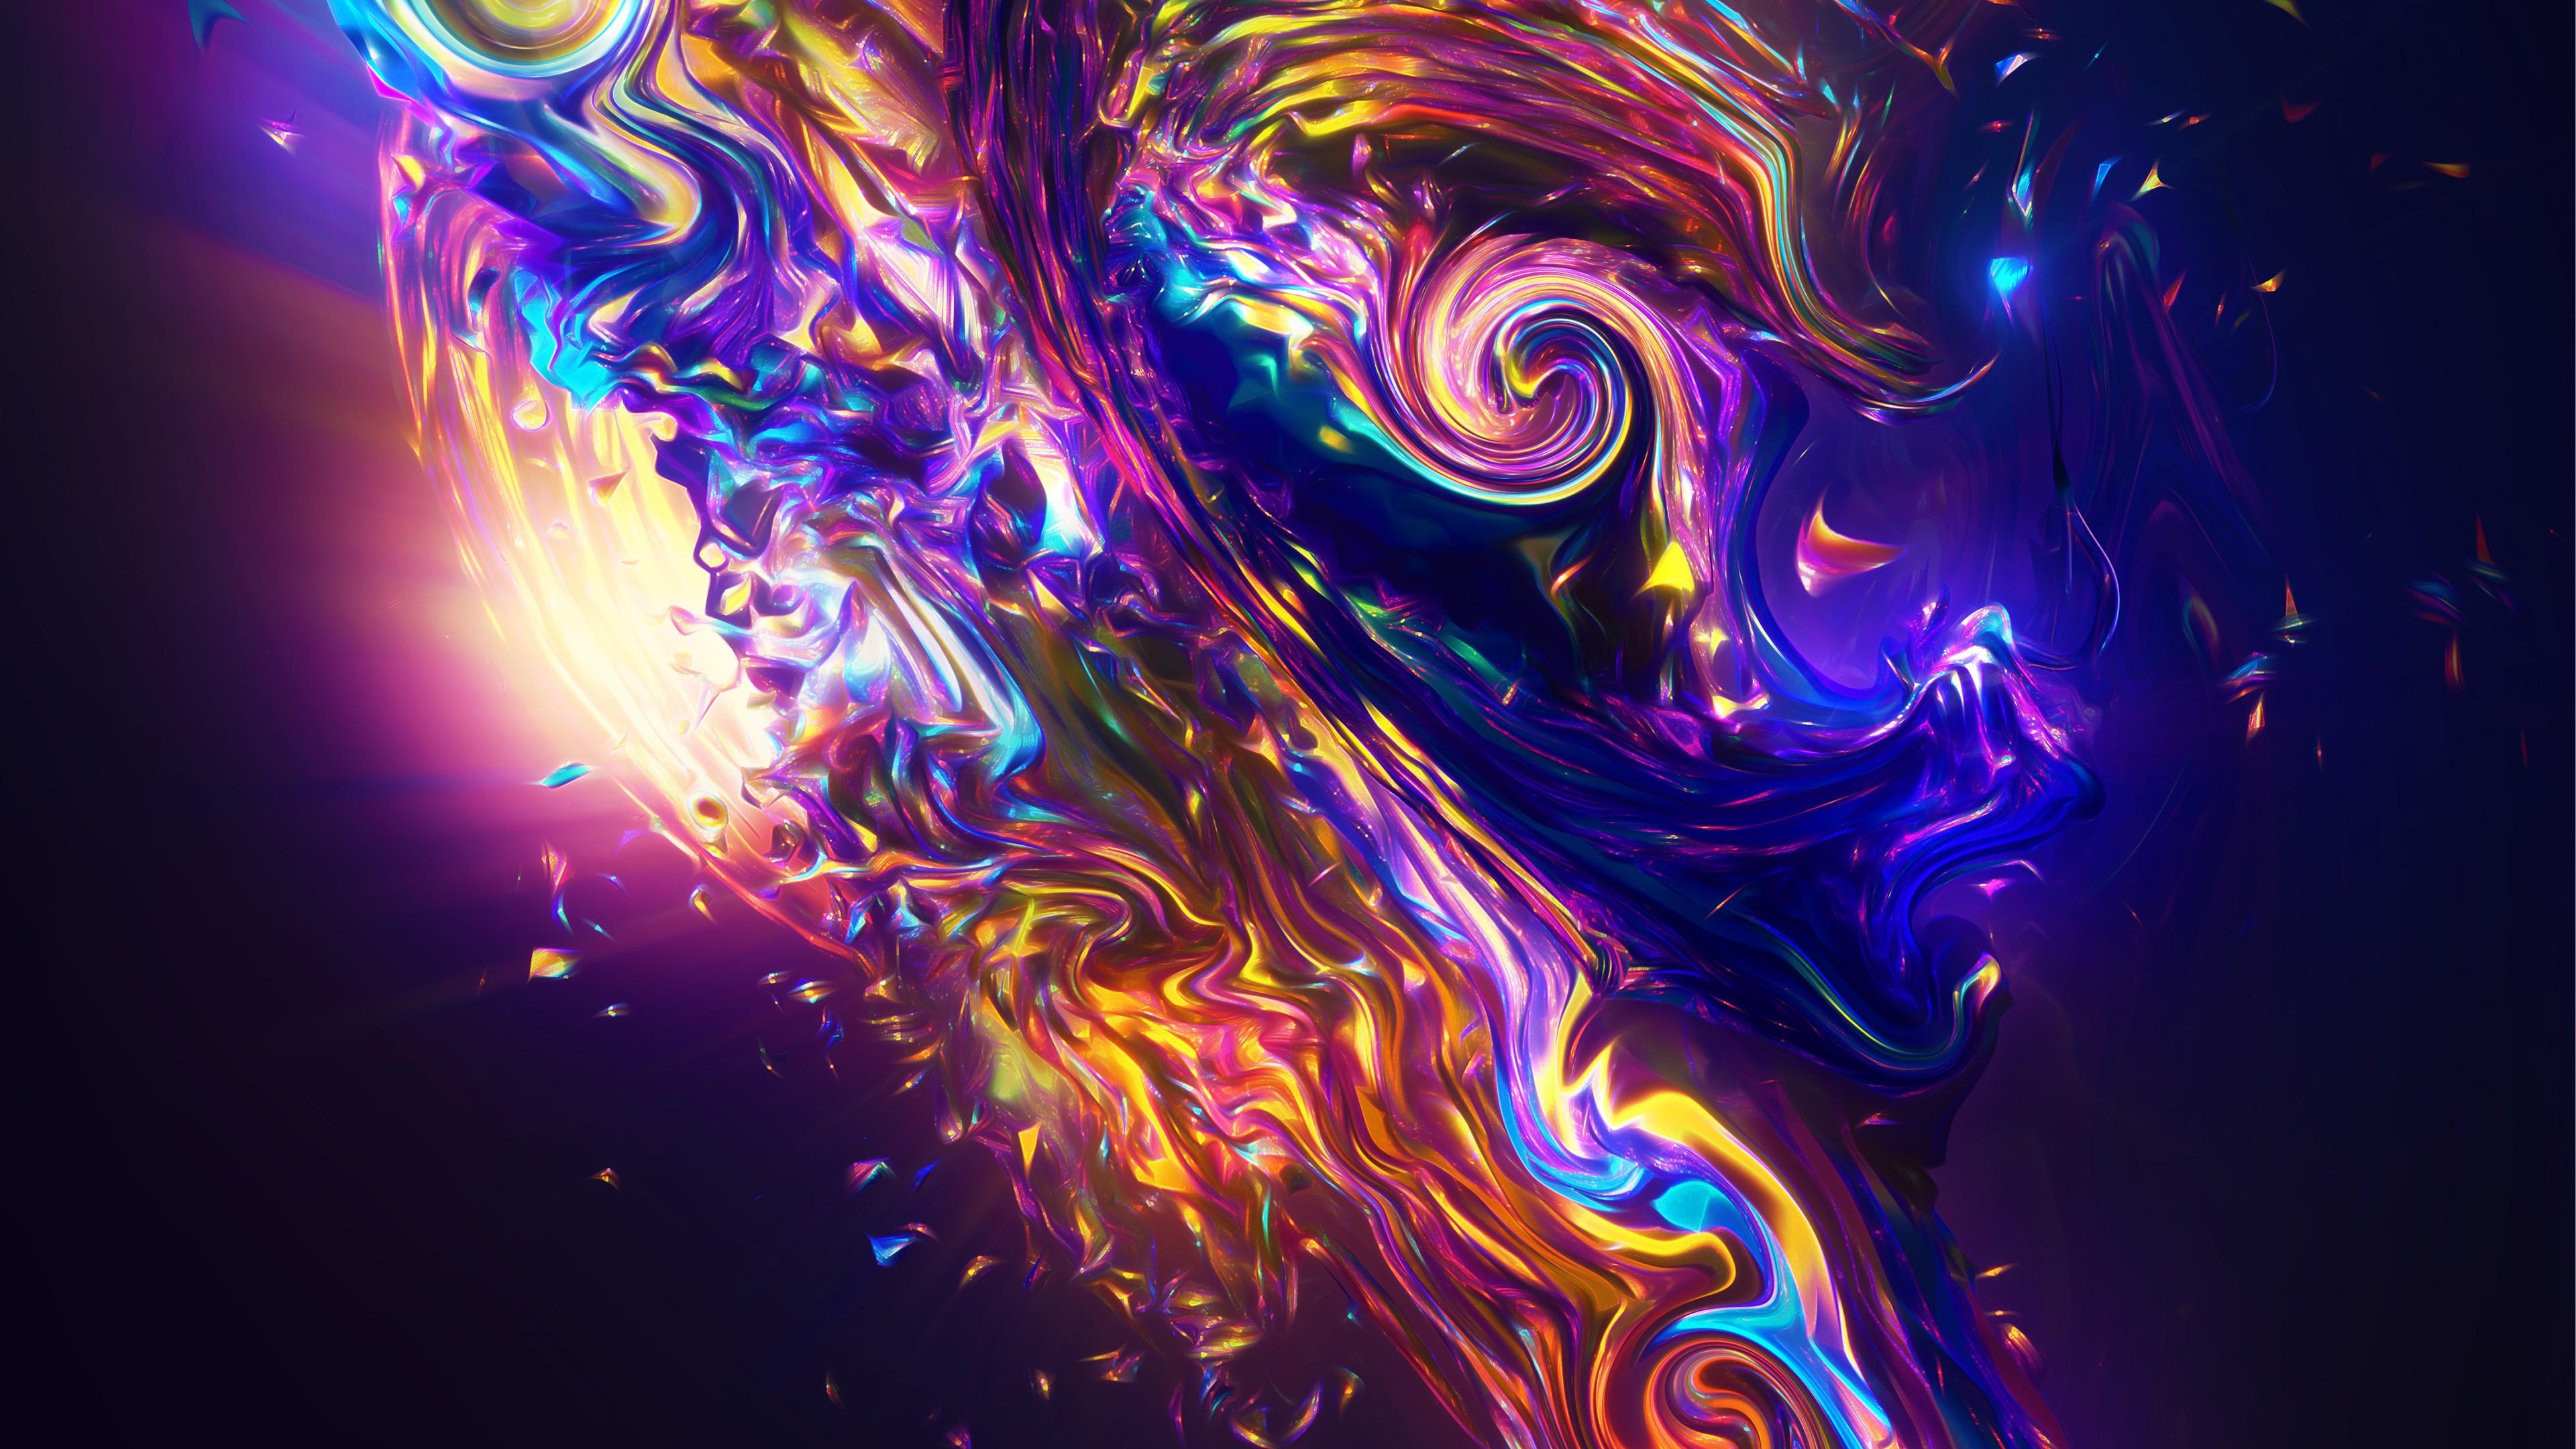 Абстрактное изображение в яркой,красивой гамме цветов с неоновыми светом